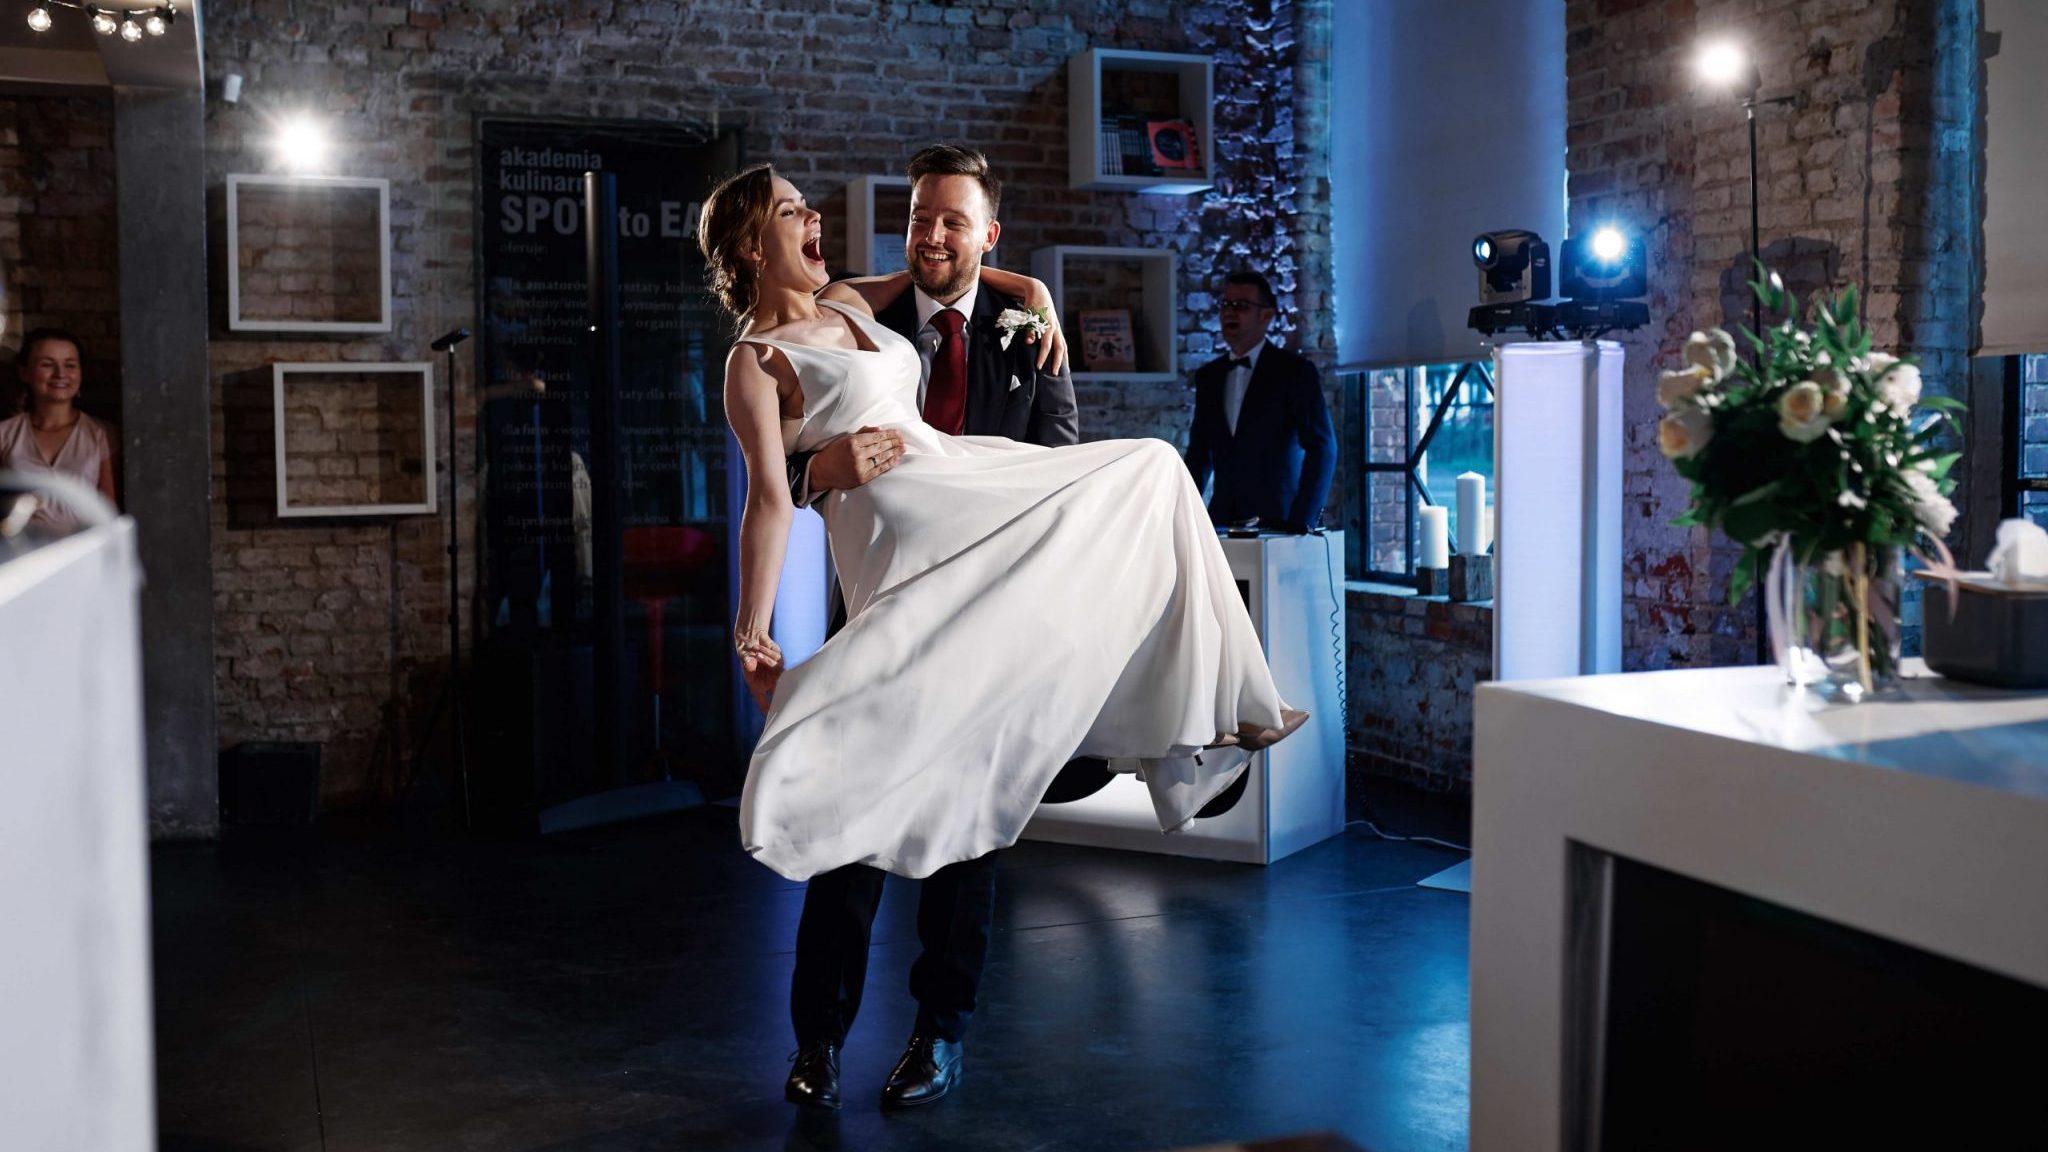 para młoda podczas pierwszego tańca w restauracji Spot na weselu w Poznaniu